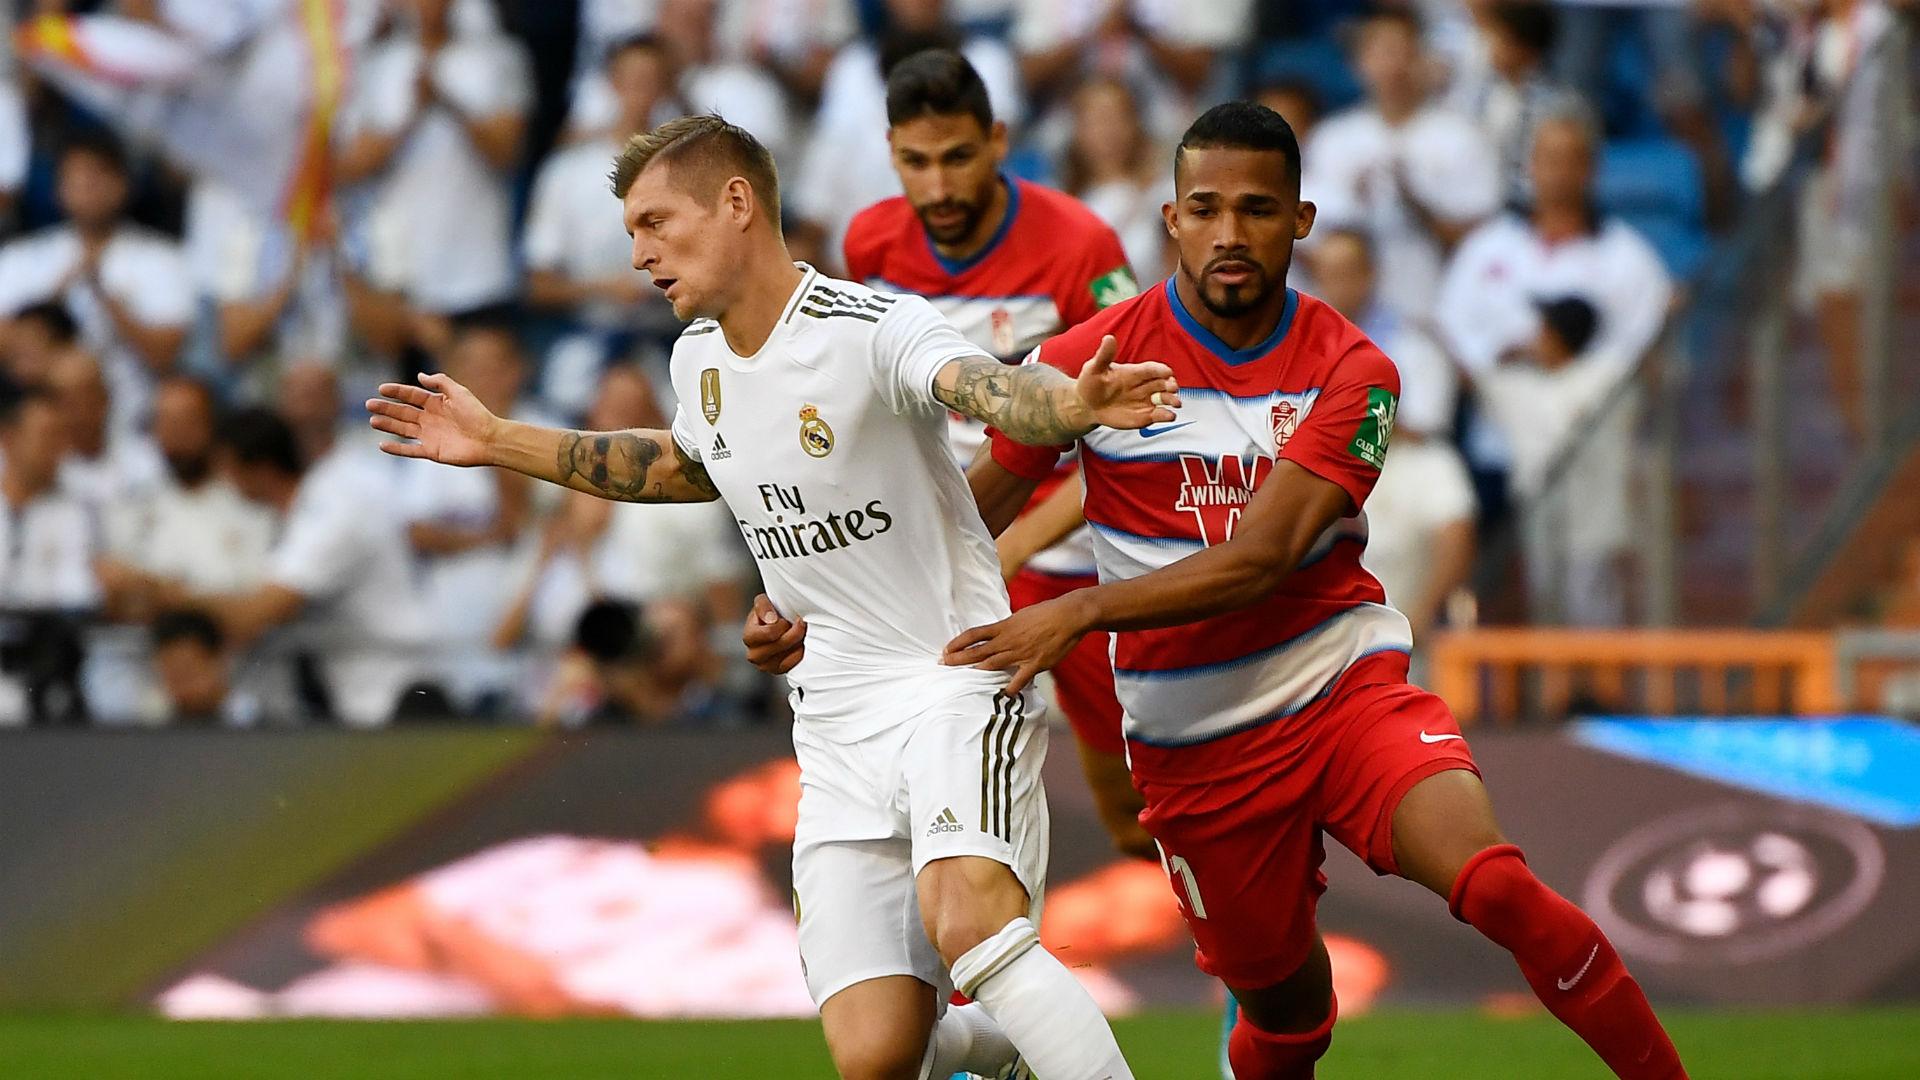 Le Real Madrid communique sur la blessure de Kroos